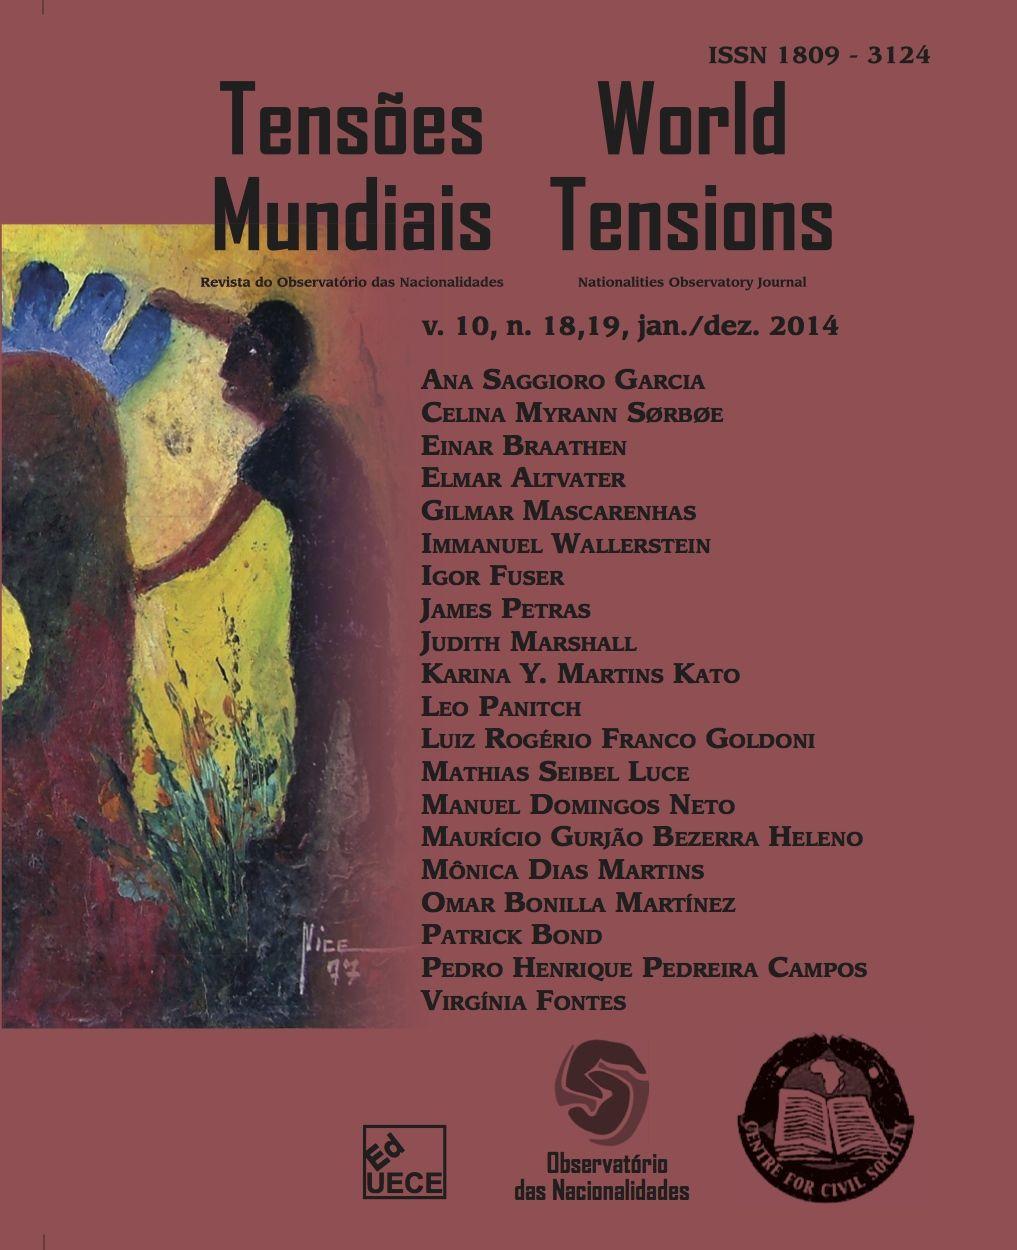 Visualizar v. 10 n. 18,19 (2014): Tensões Mundias (Edição Temática): BRICS